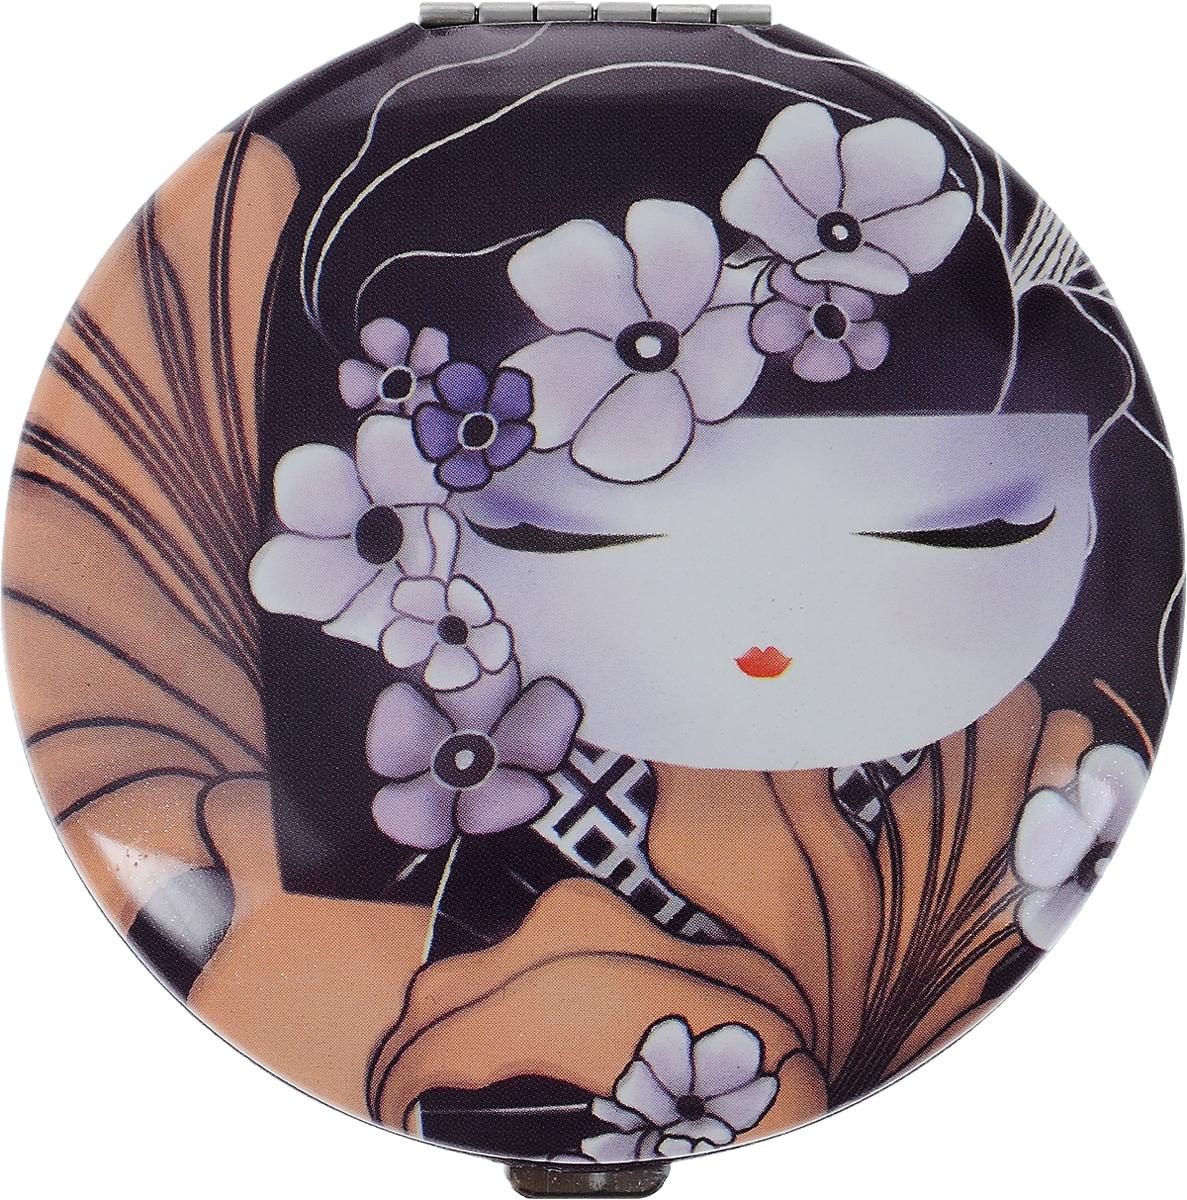 Зеркало карманное Kimmidoll Чизуру. KF11181301210Изящное зеркало Kimmidoll Чизуру выполнено в круглом металлическом корпусе и декорировано ярким изображением. Внутри корпуса расположено два зеркальца - обычное и увеличивающее.Такое зеркало станет отличным подарком представительнице прекрасного пола, ведь даже самая маленькая дамская сумочка обязательно вместит в себя миниатюрное зеркальце - атрибут каждой модницы.